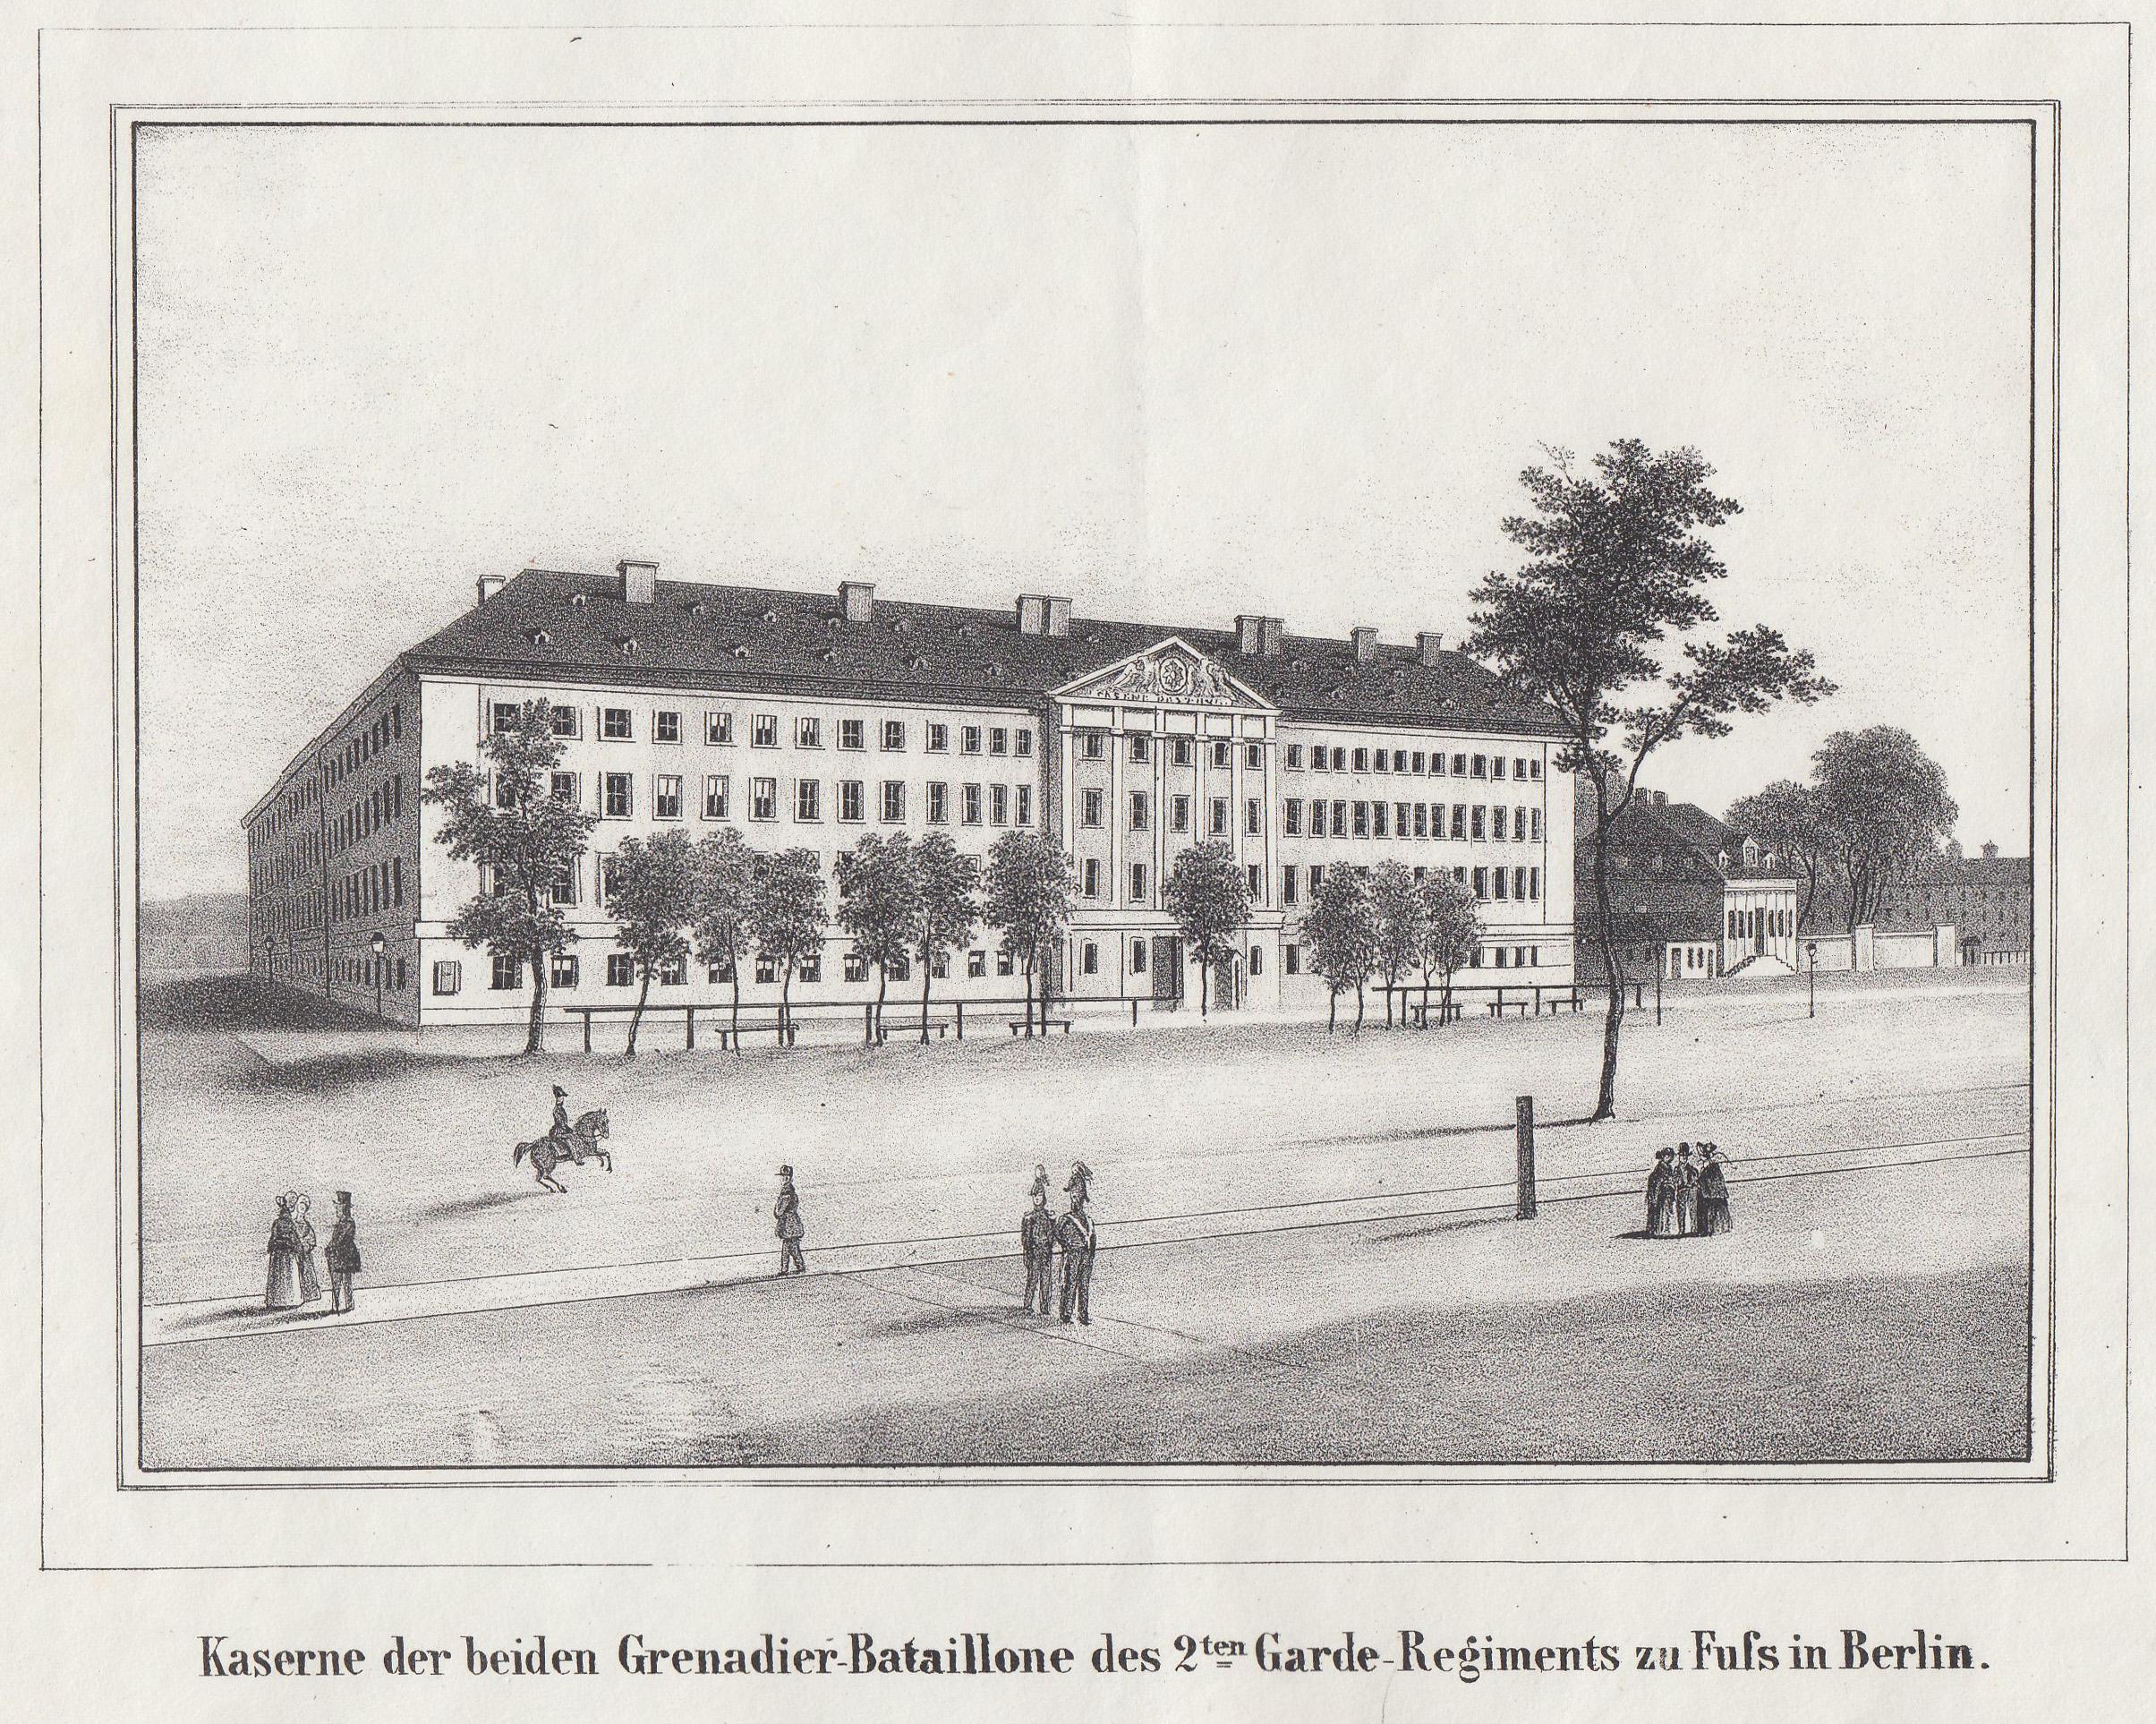 Kaserne der beiden Grenadier - Bataillone des: Berlin - Militärbauten: